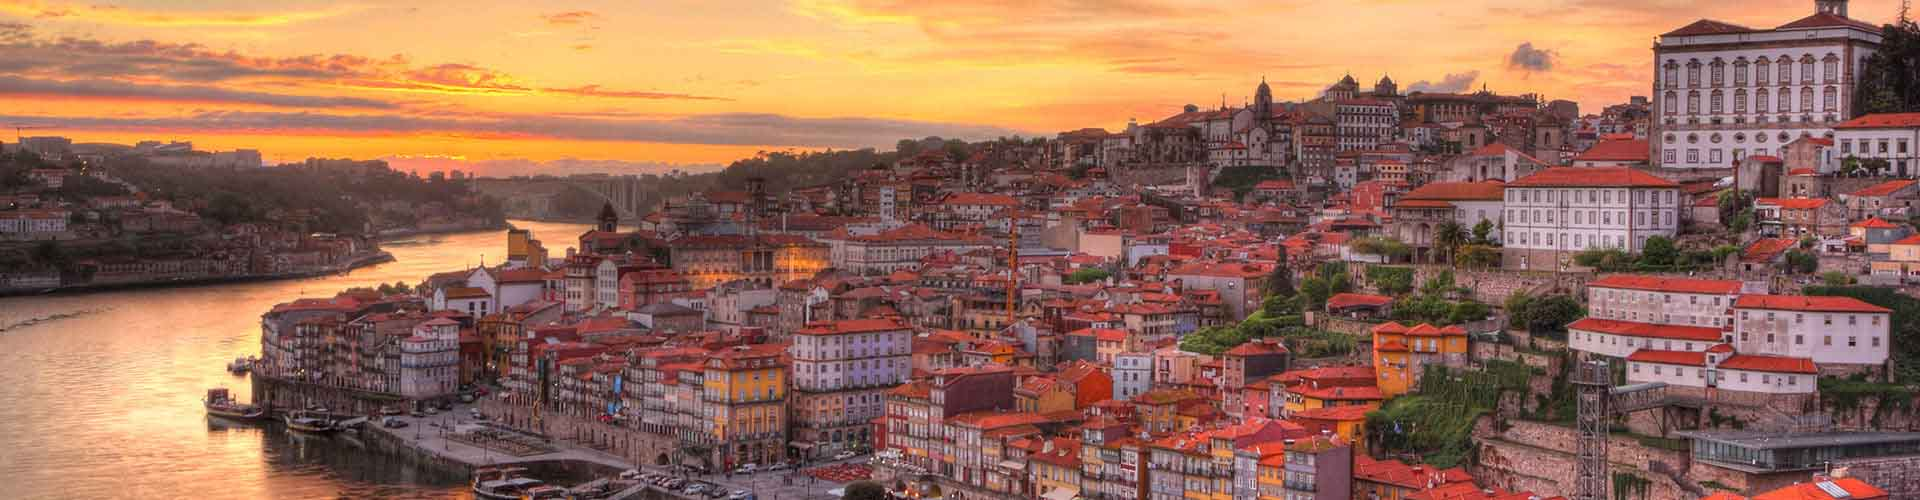 Porto - Hotels nahe São Bento Bahnhof. Karten für Porto. Fotos und Bewertungen für jedes Hotel in Porto.